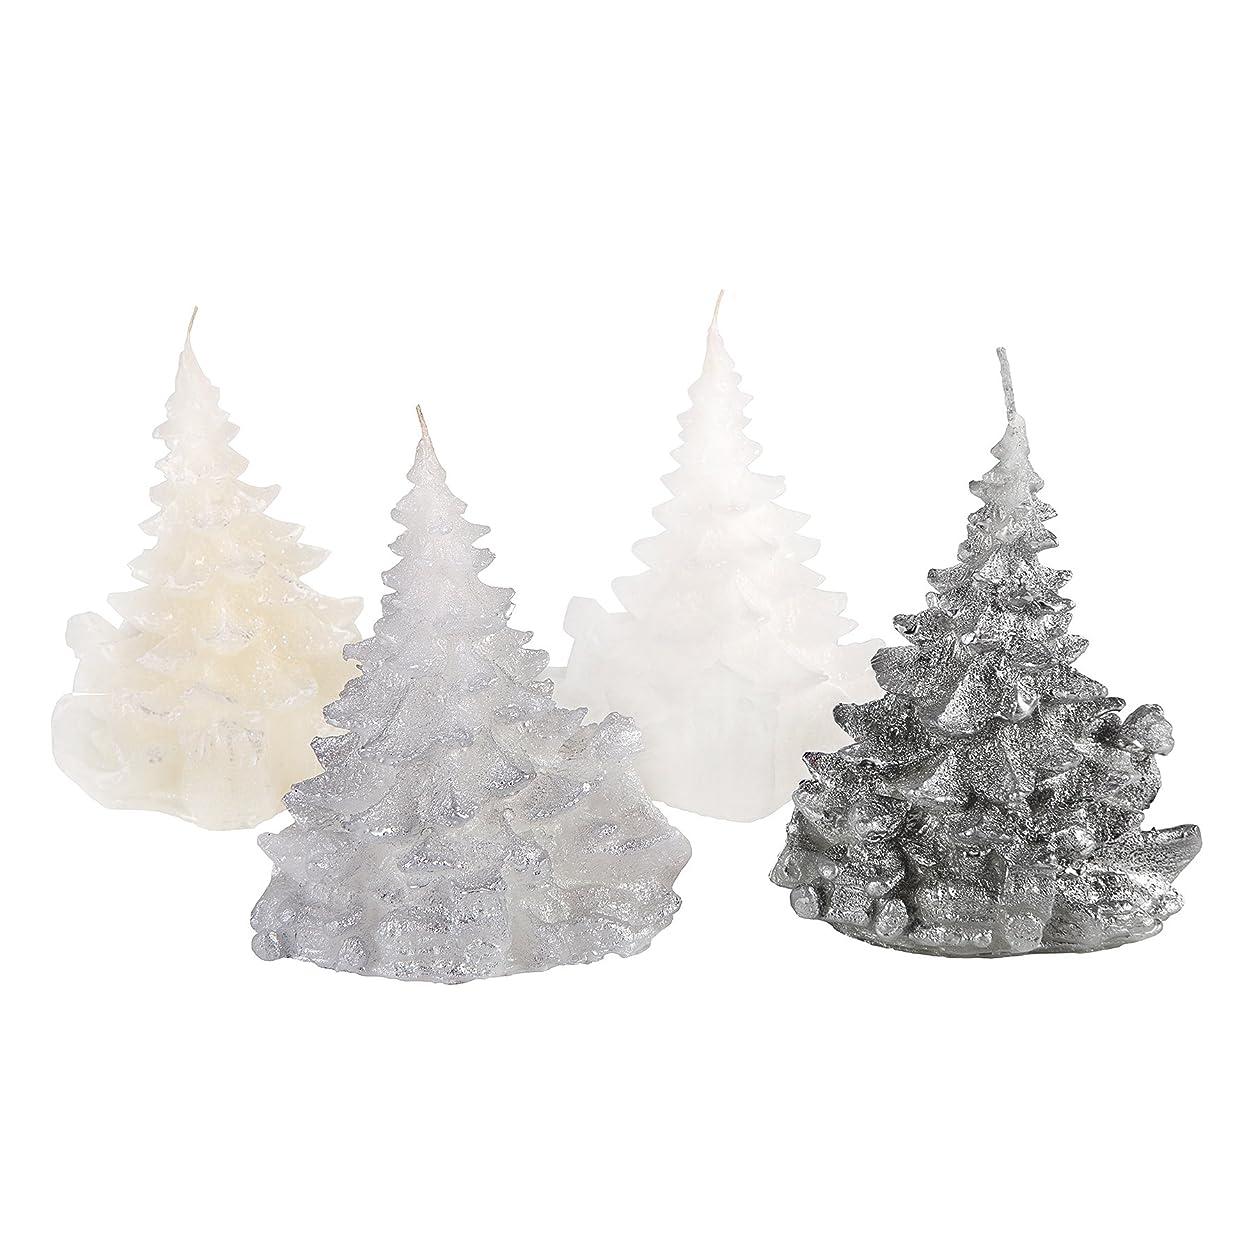 急襲区別意志に反するCandle Atelierハンドメイド休日キャンドル Merry Christmas Trees 4F1-CTP1VTW-0SP